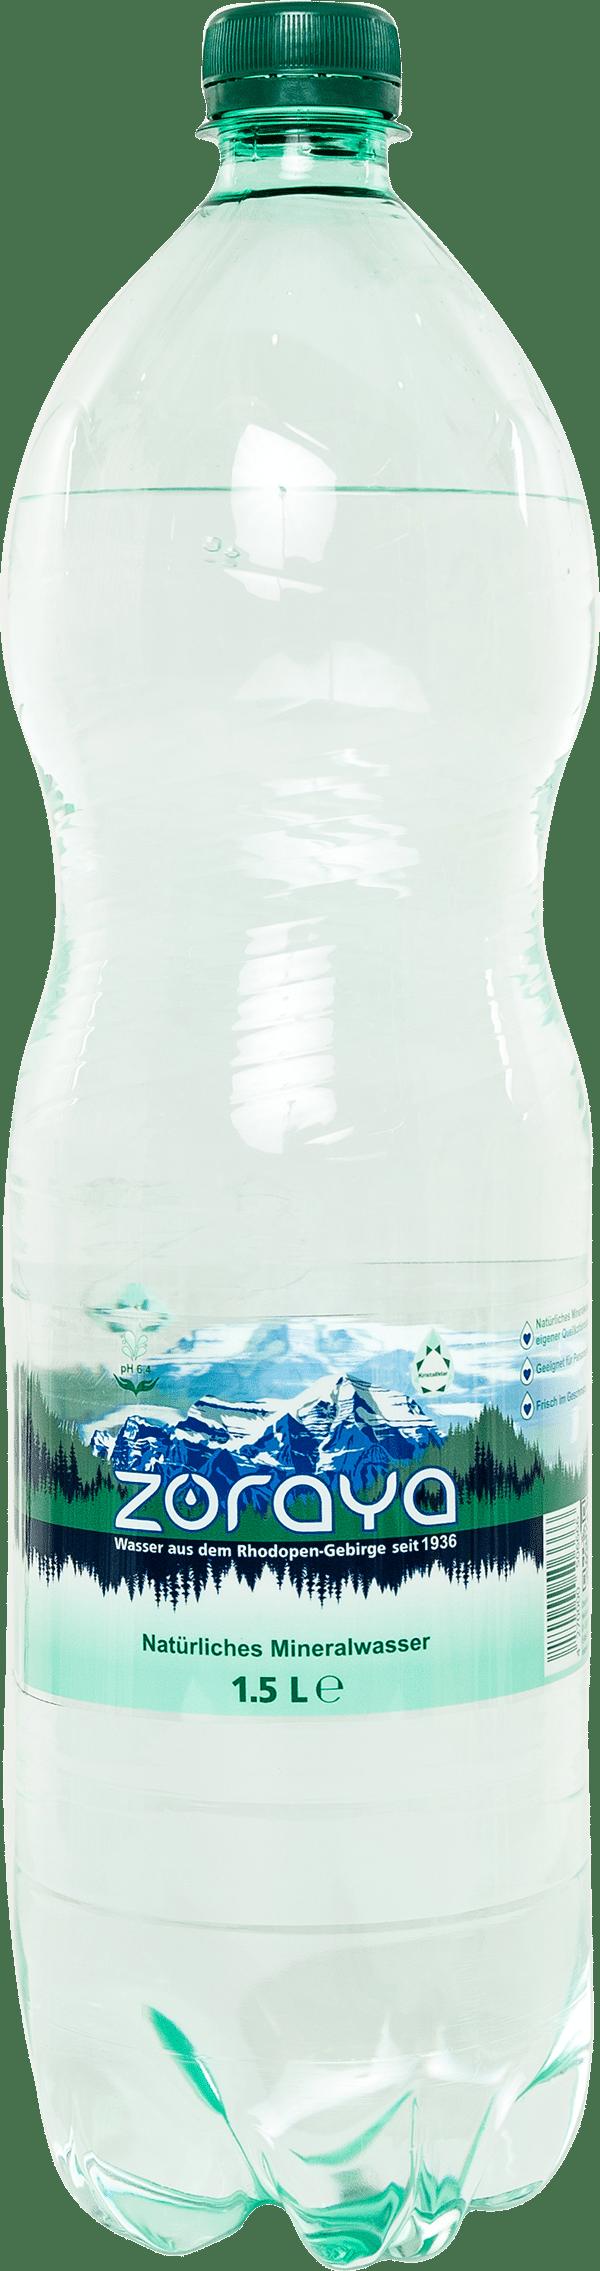 Minerallwasser 1.5l Zoraya